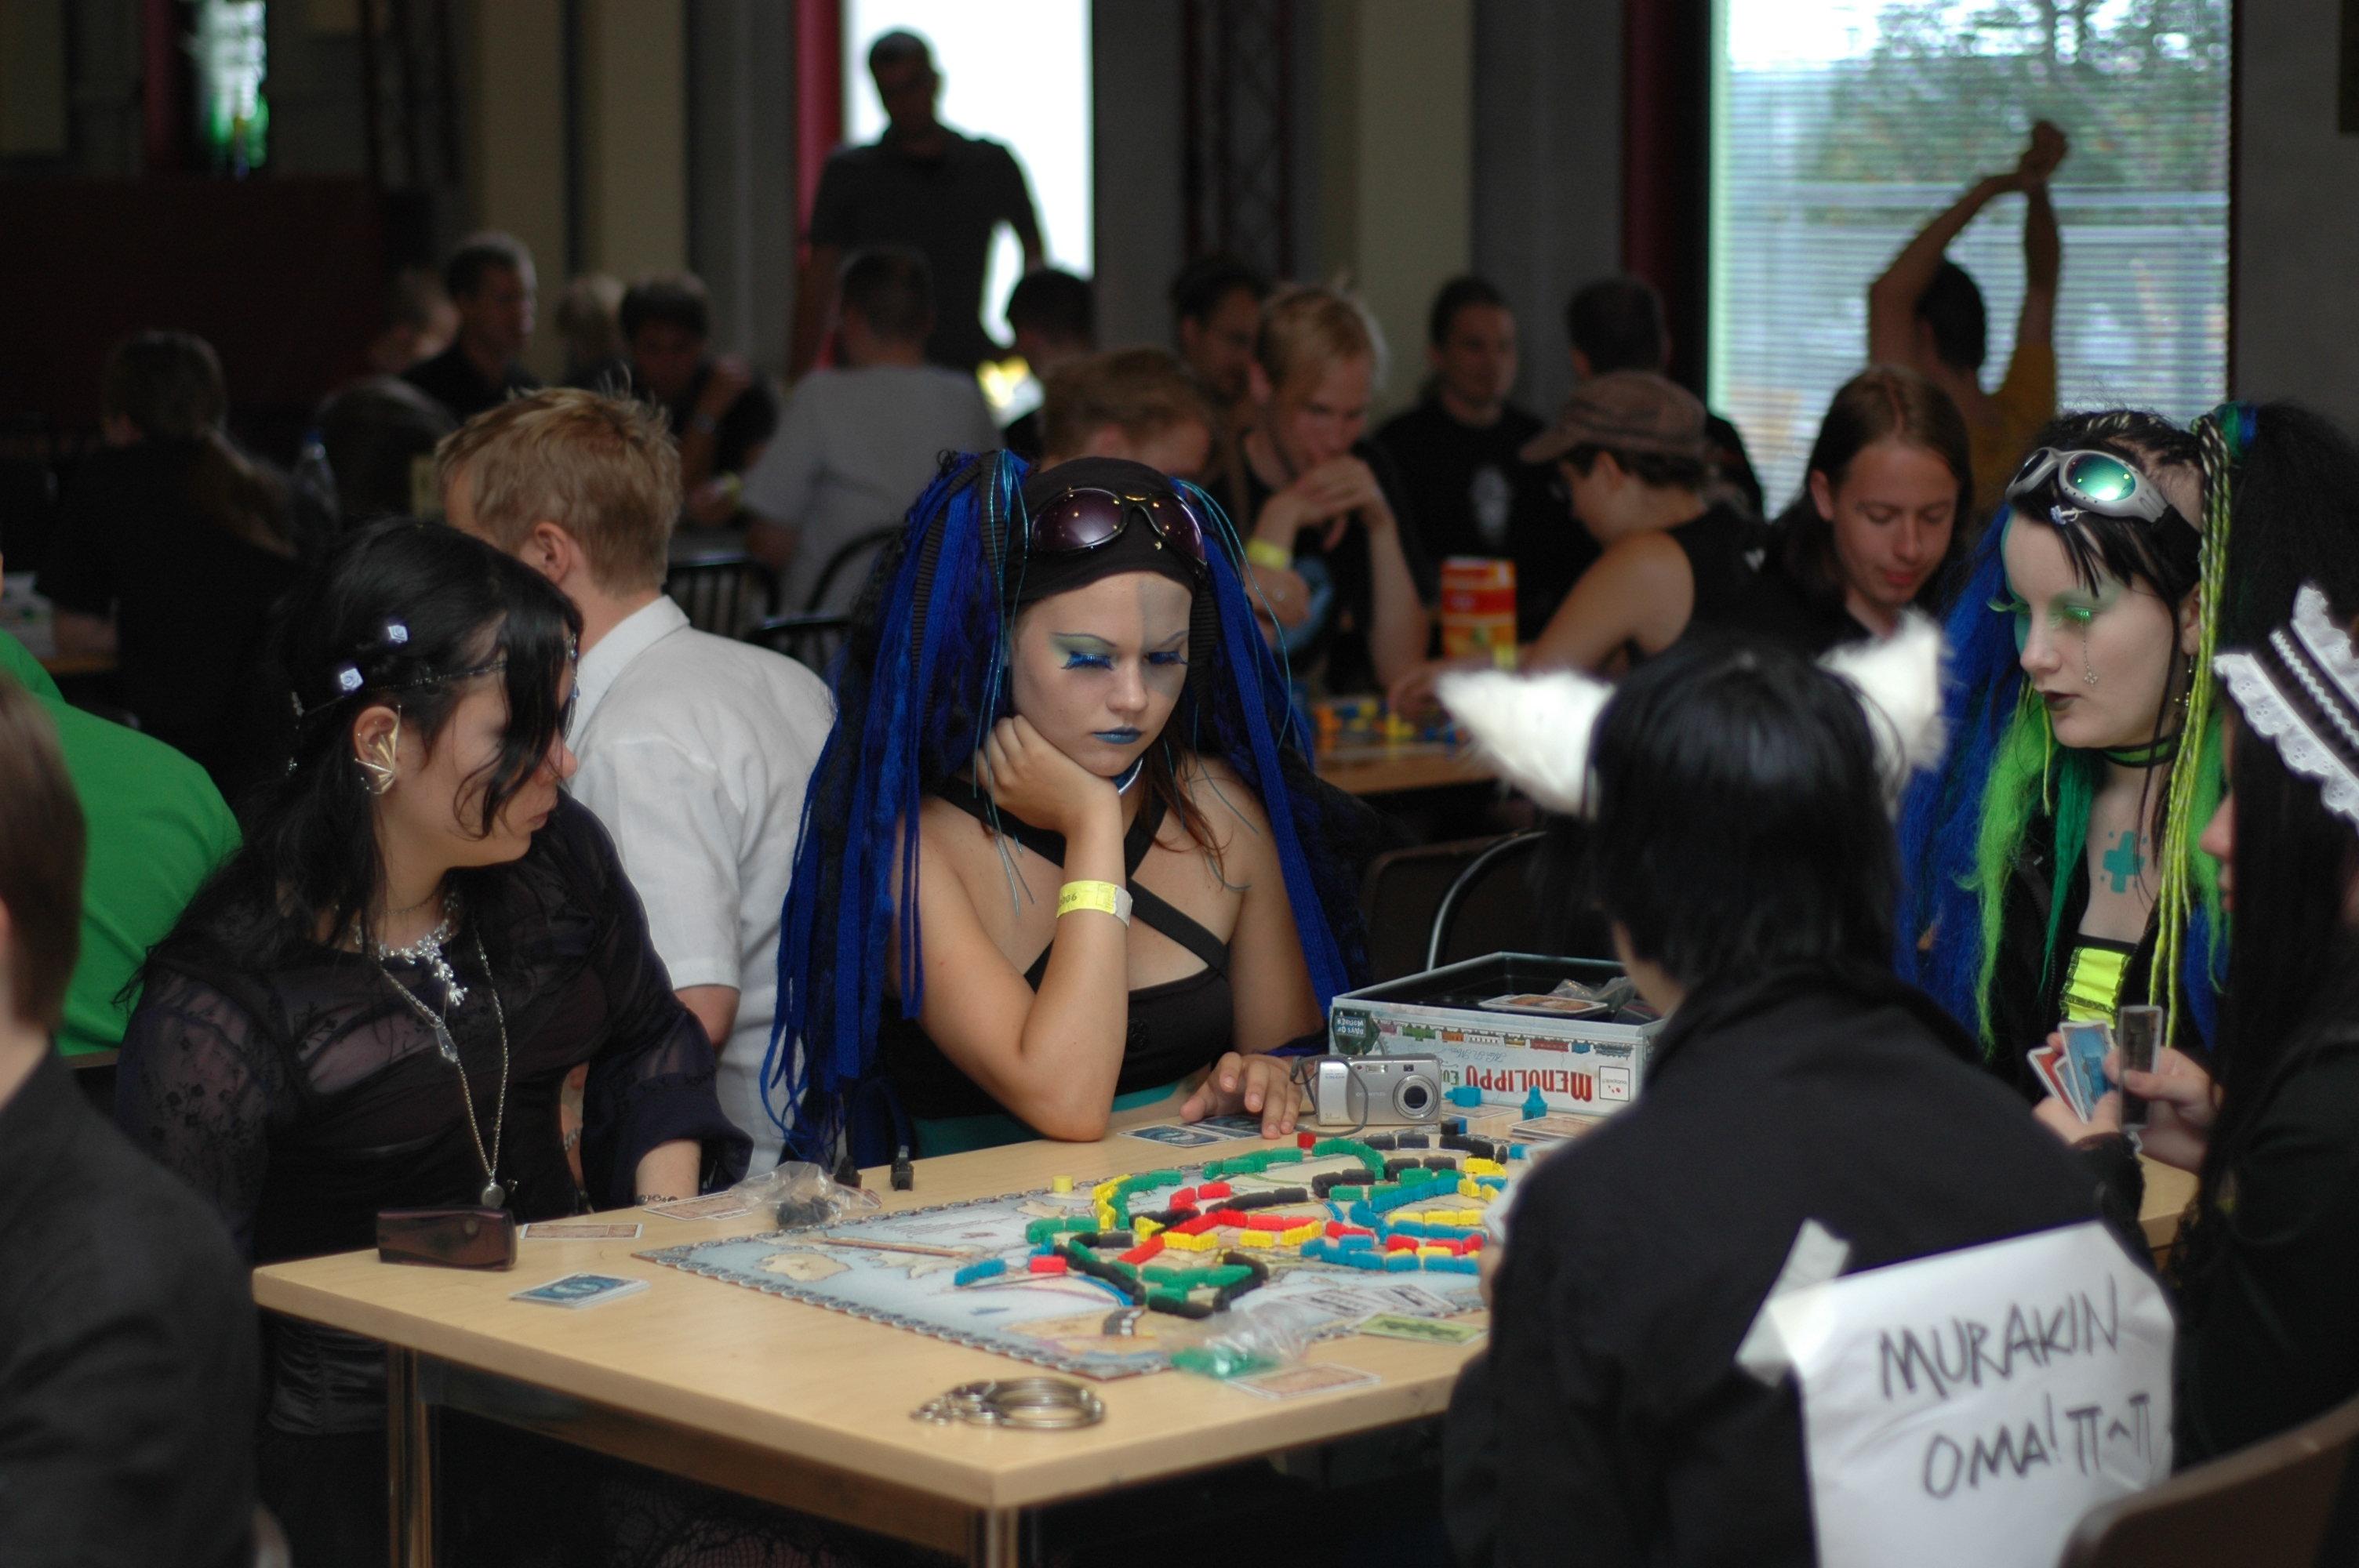 Neljä ihmistä pelaamassa lautapeliä.